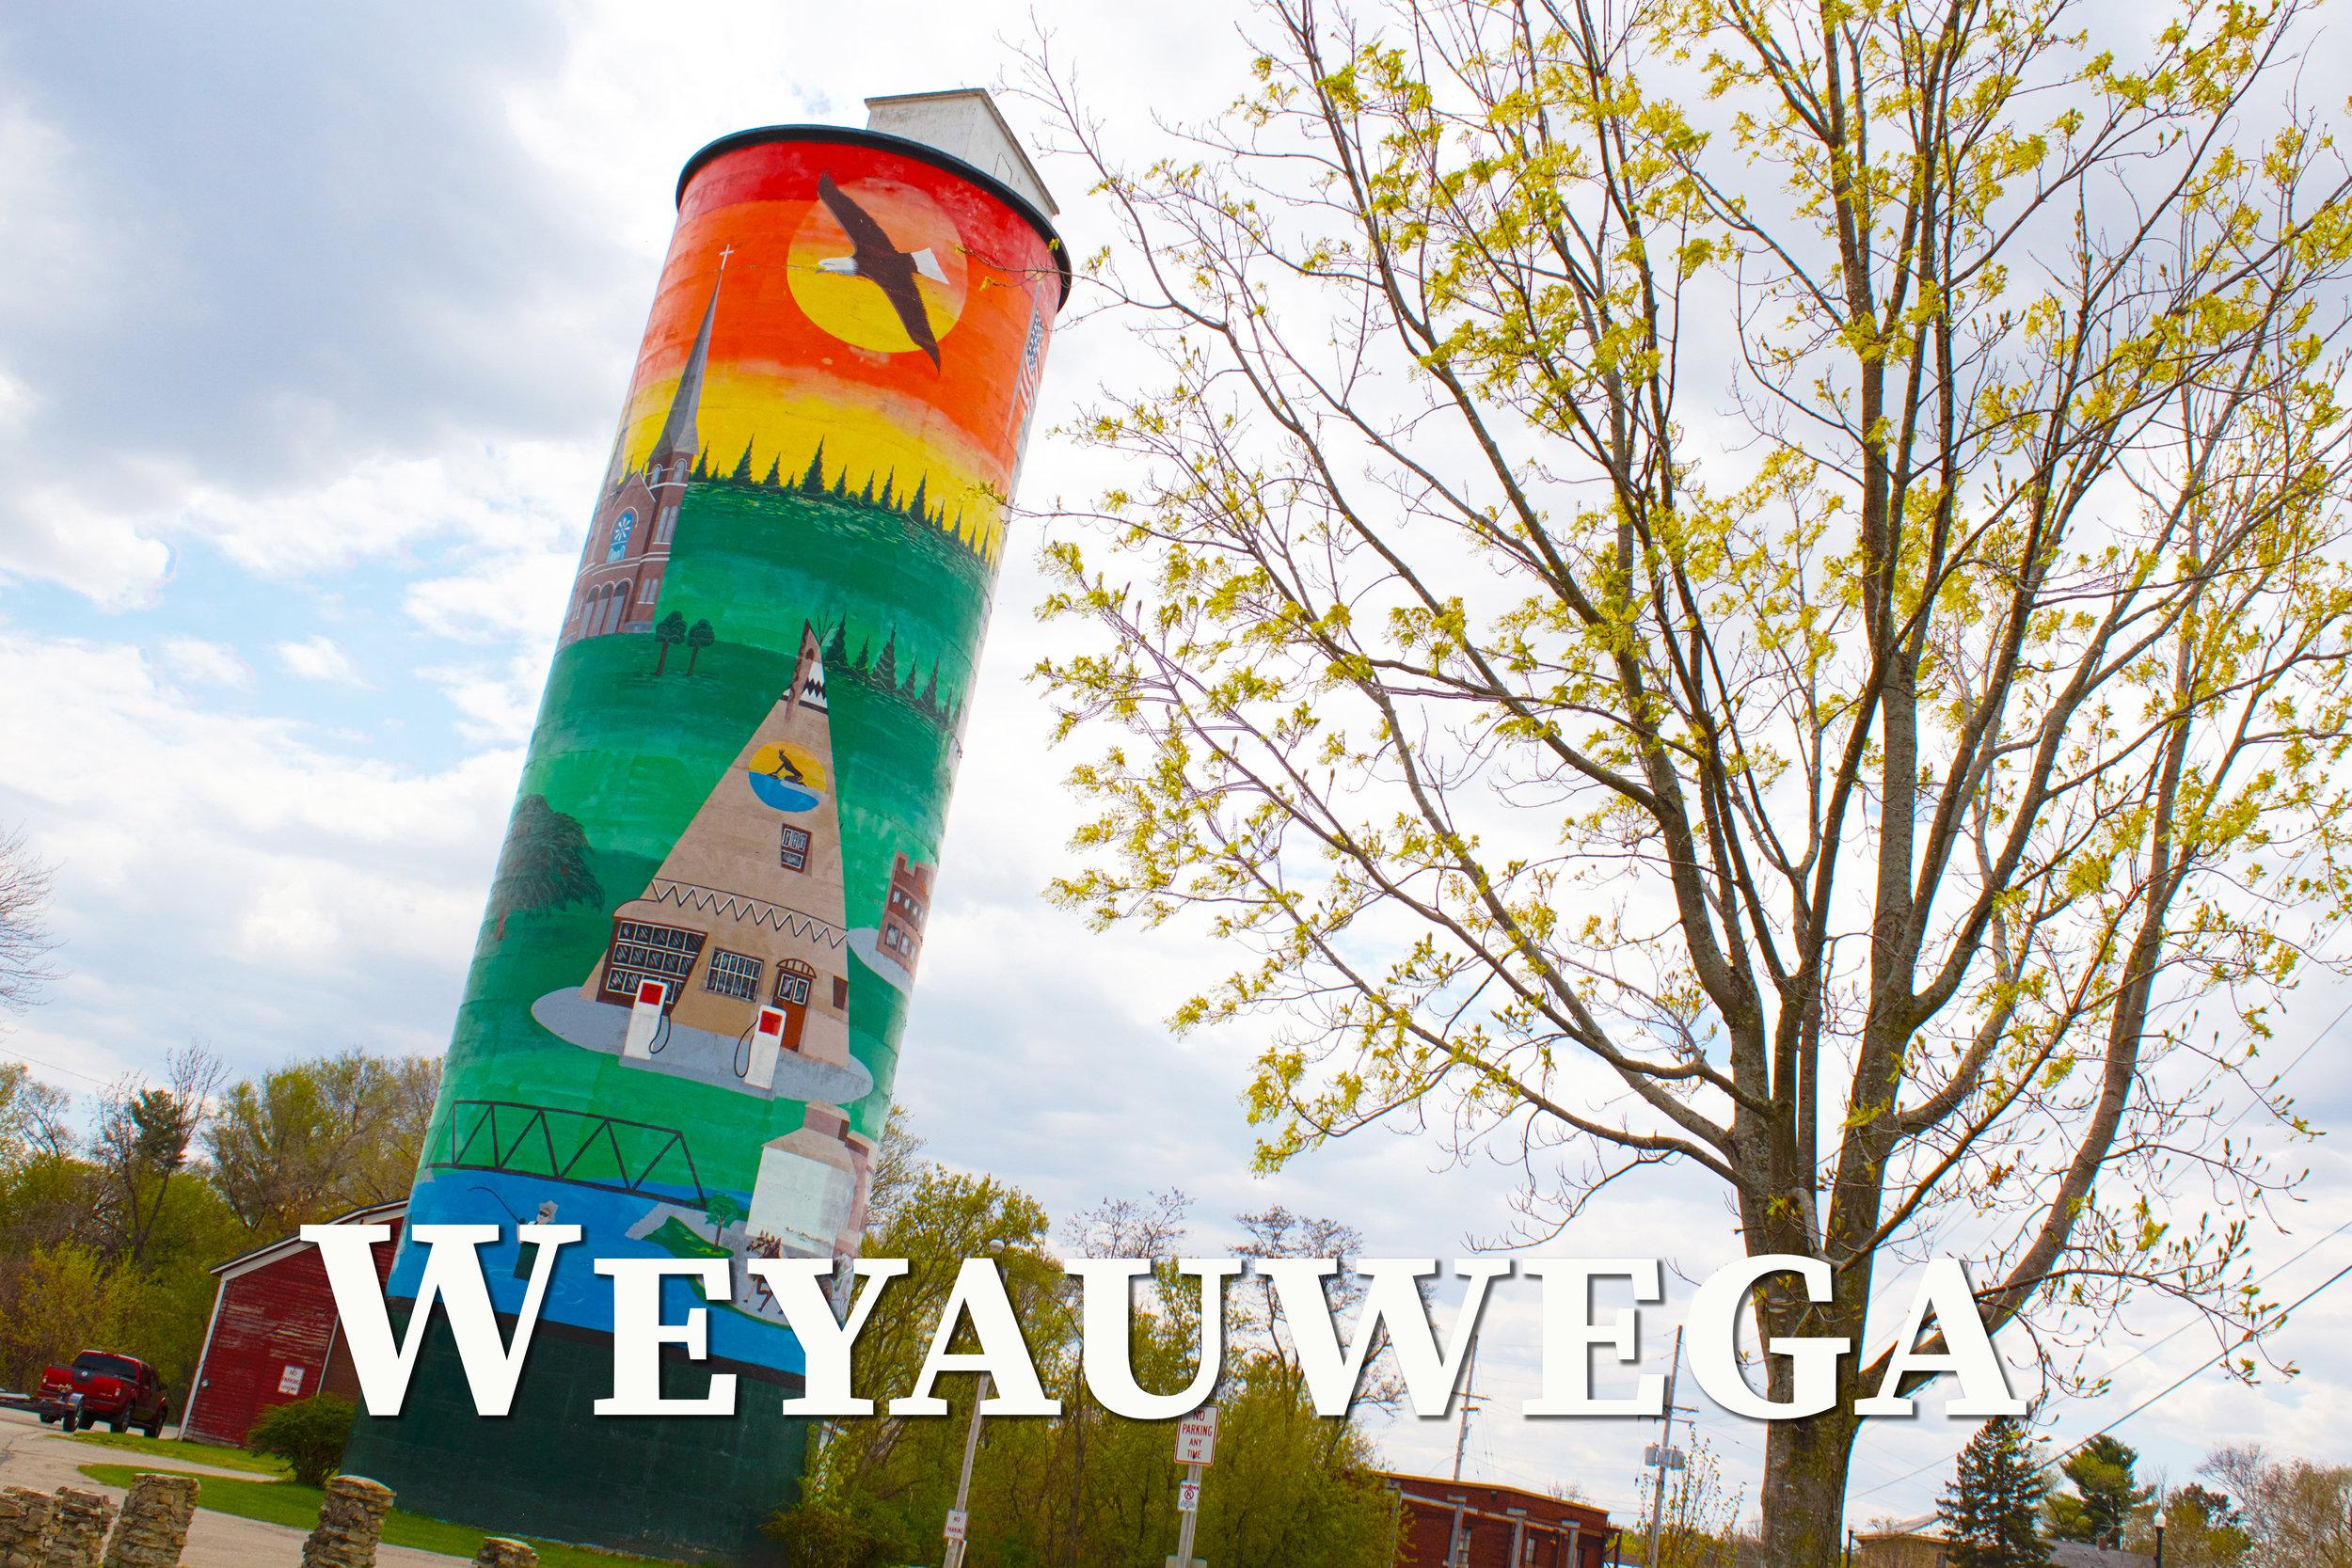 Weyuawega link